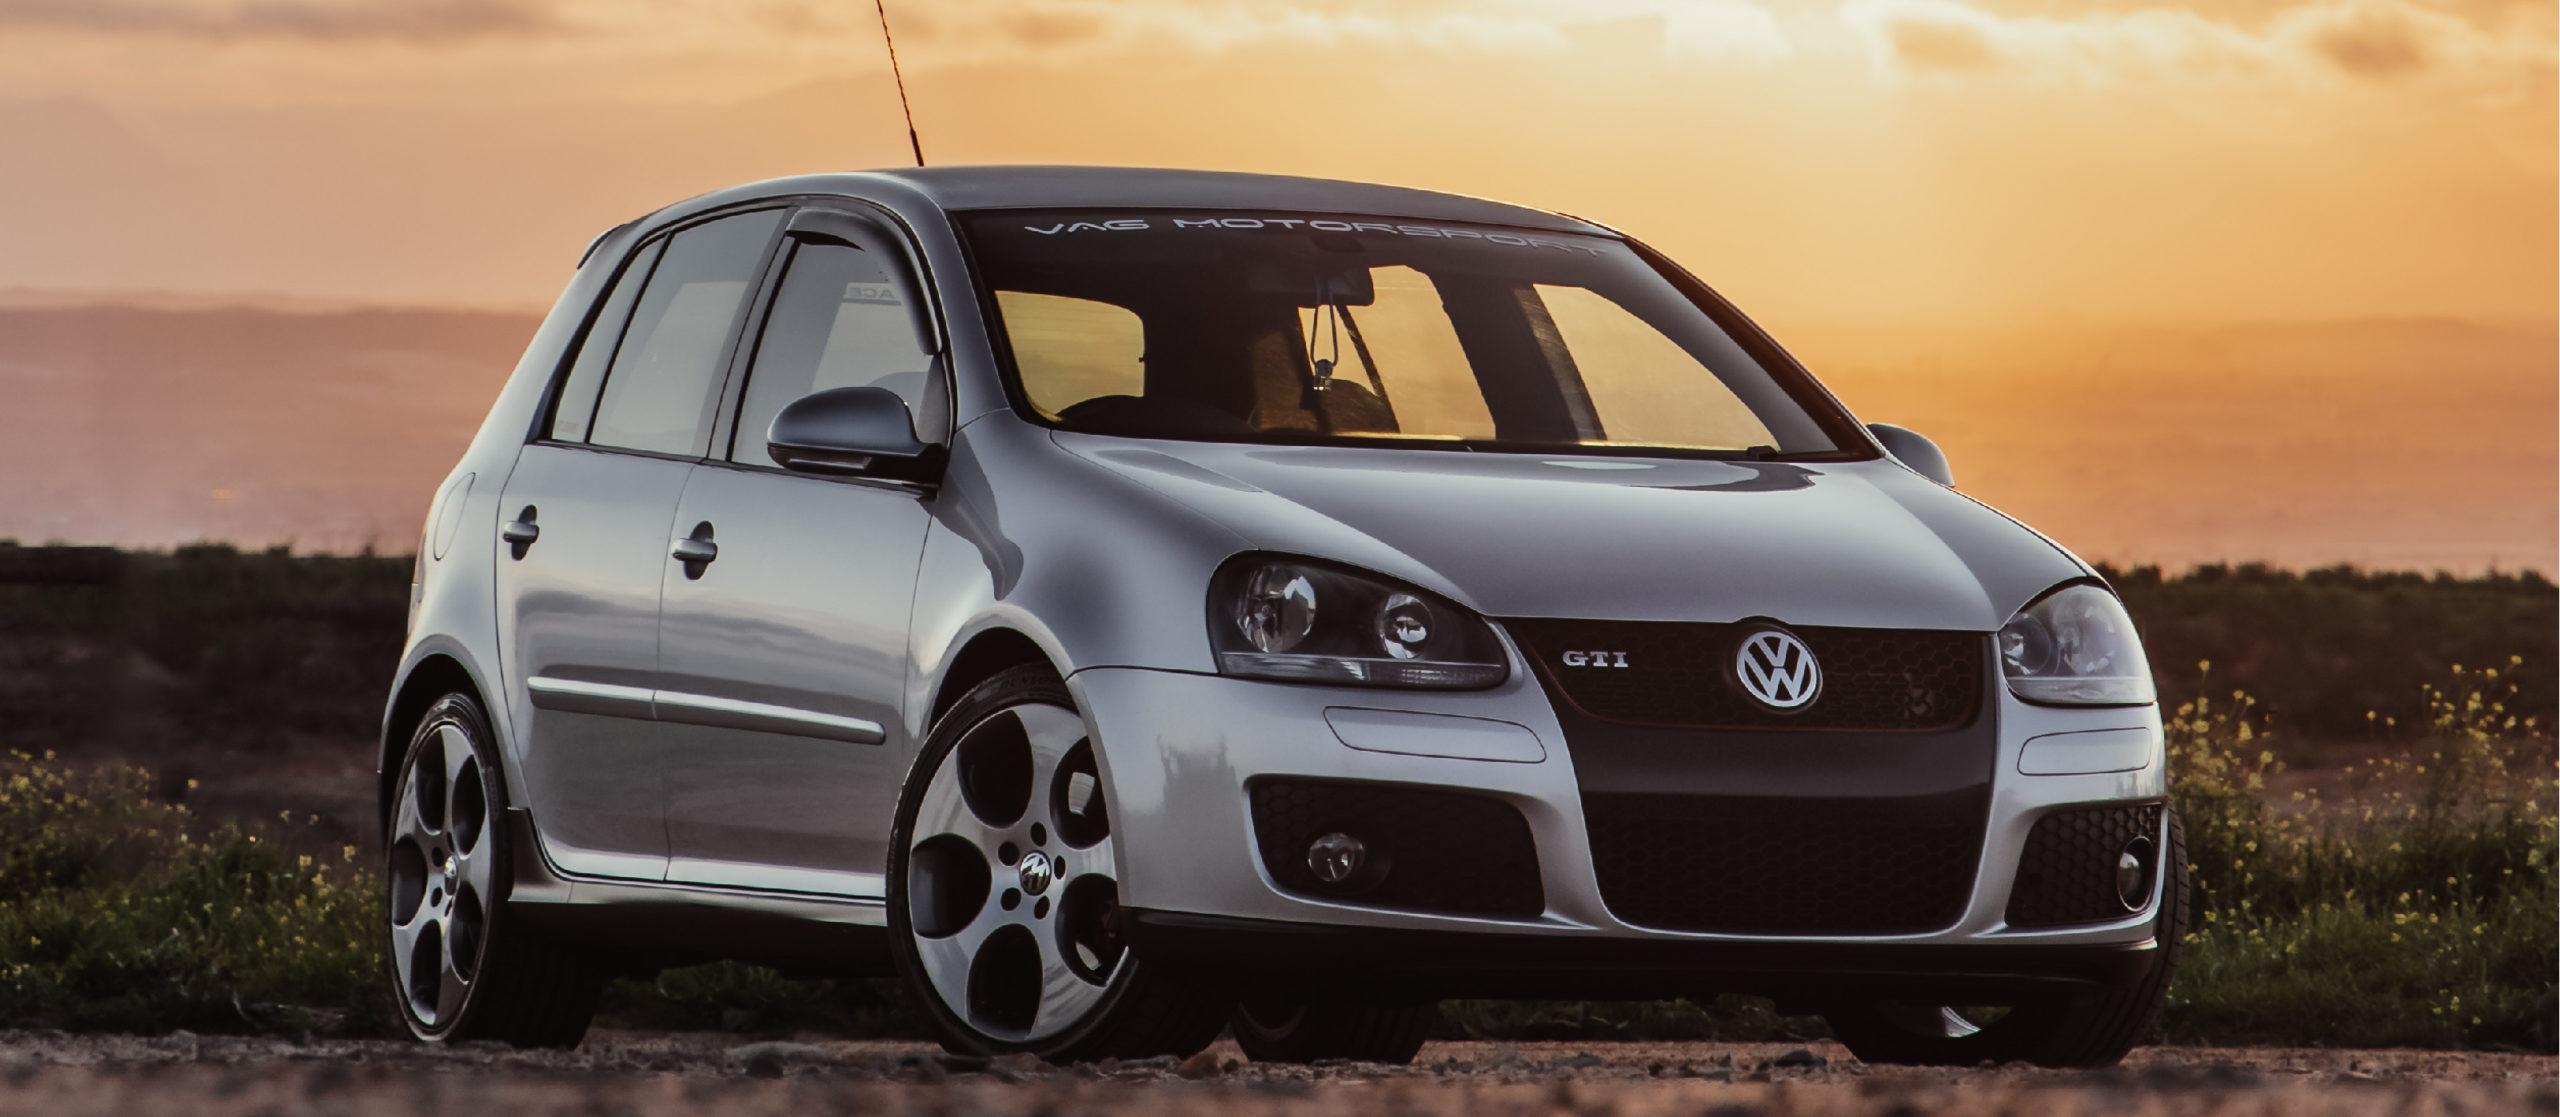 Volkswagen head